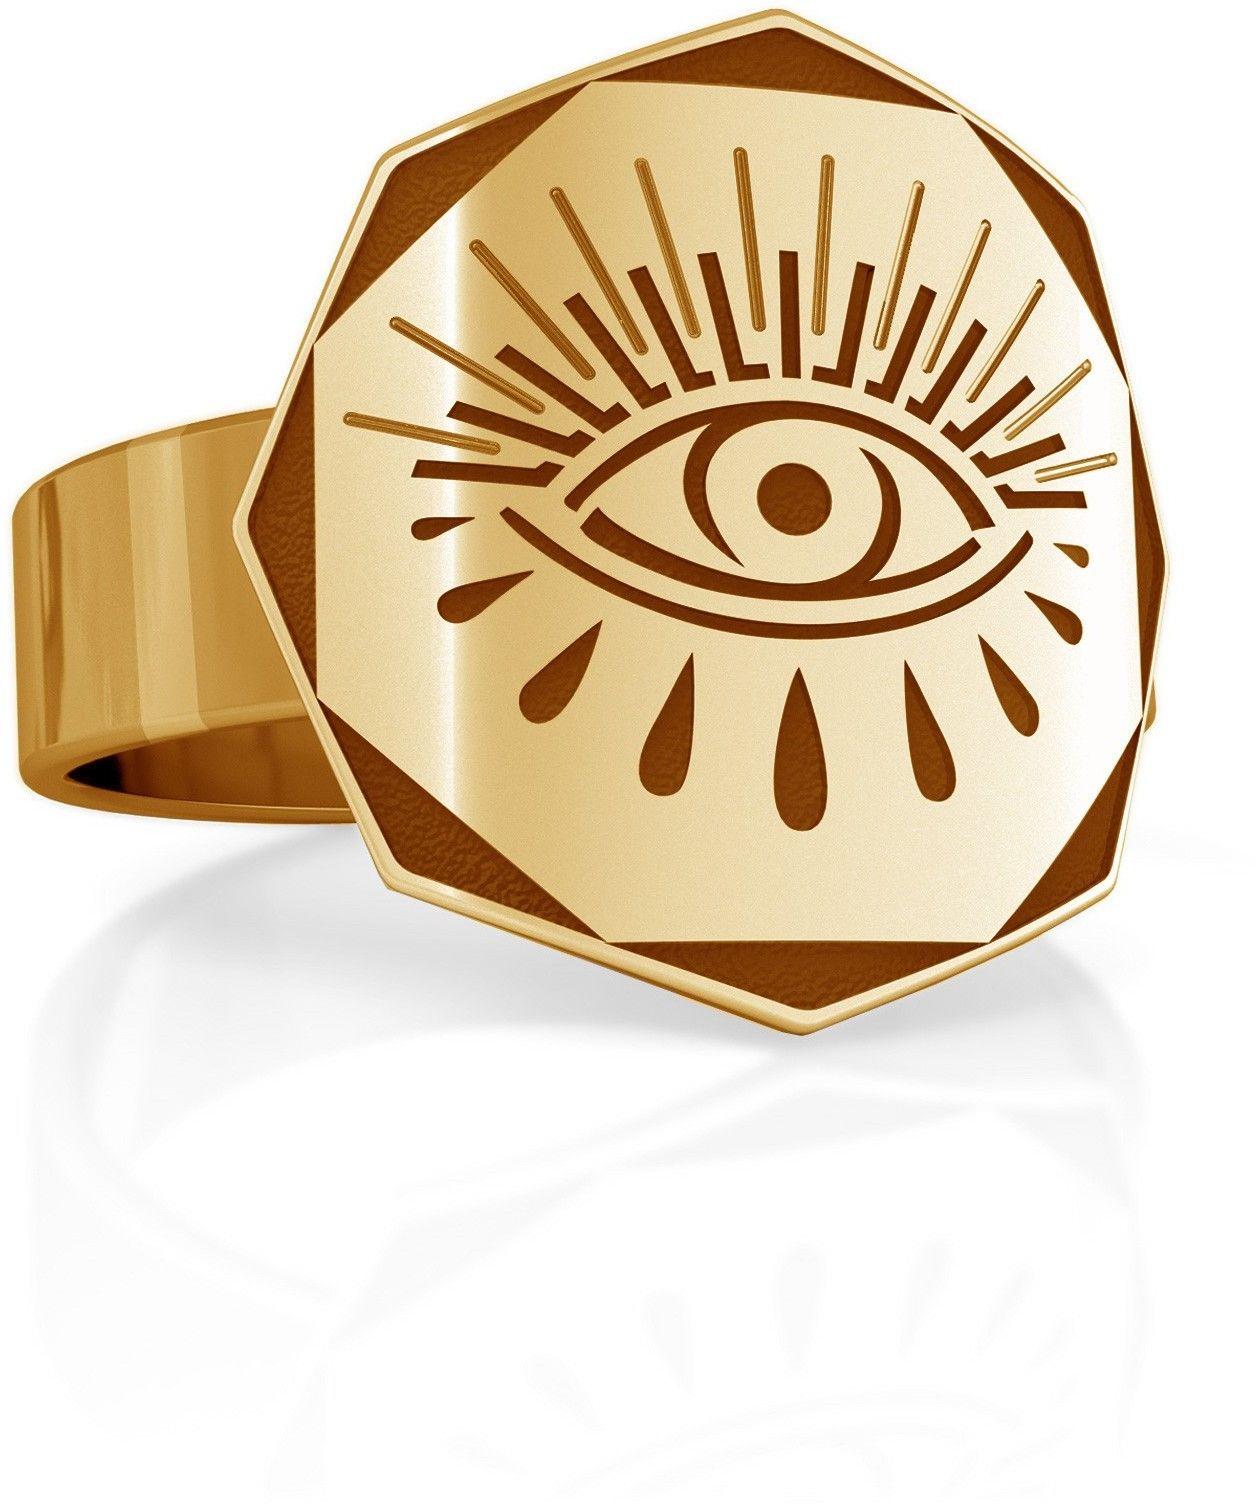 Srebrny sygnet oko Horusa, MON DÉFI, srebro 925 : ROZMIAR PIERŚCIONKA - 17 UK:R 18,00 MM, Srebro - kolor pokrycia - Pokrycie żółtym 18K złotem